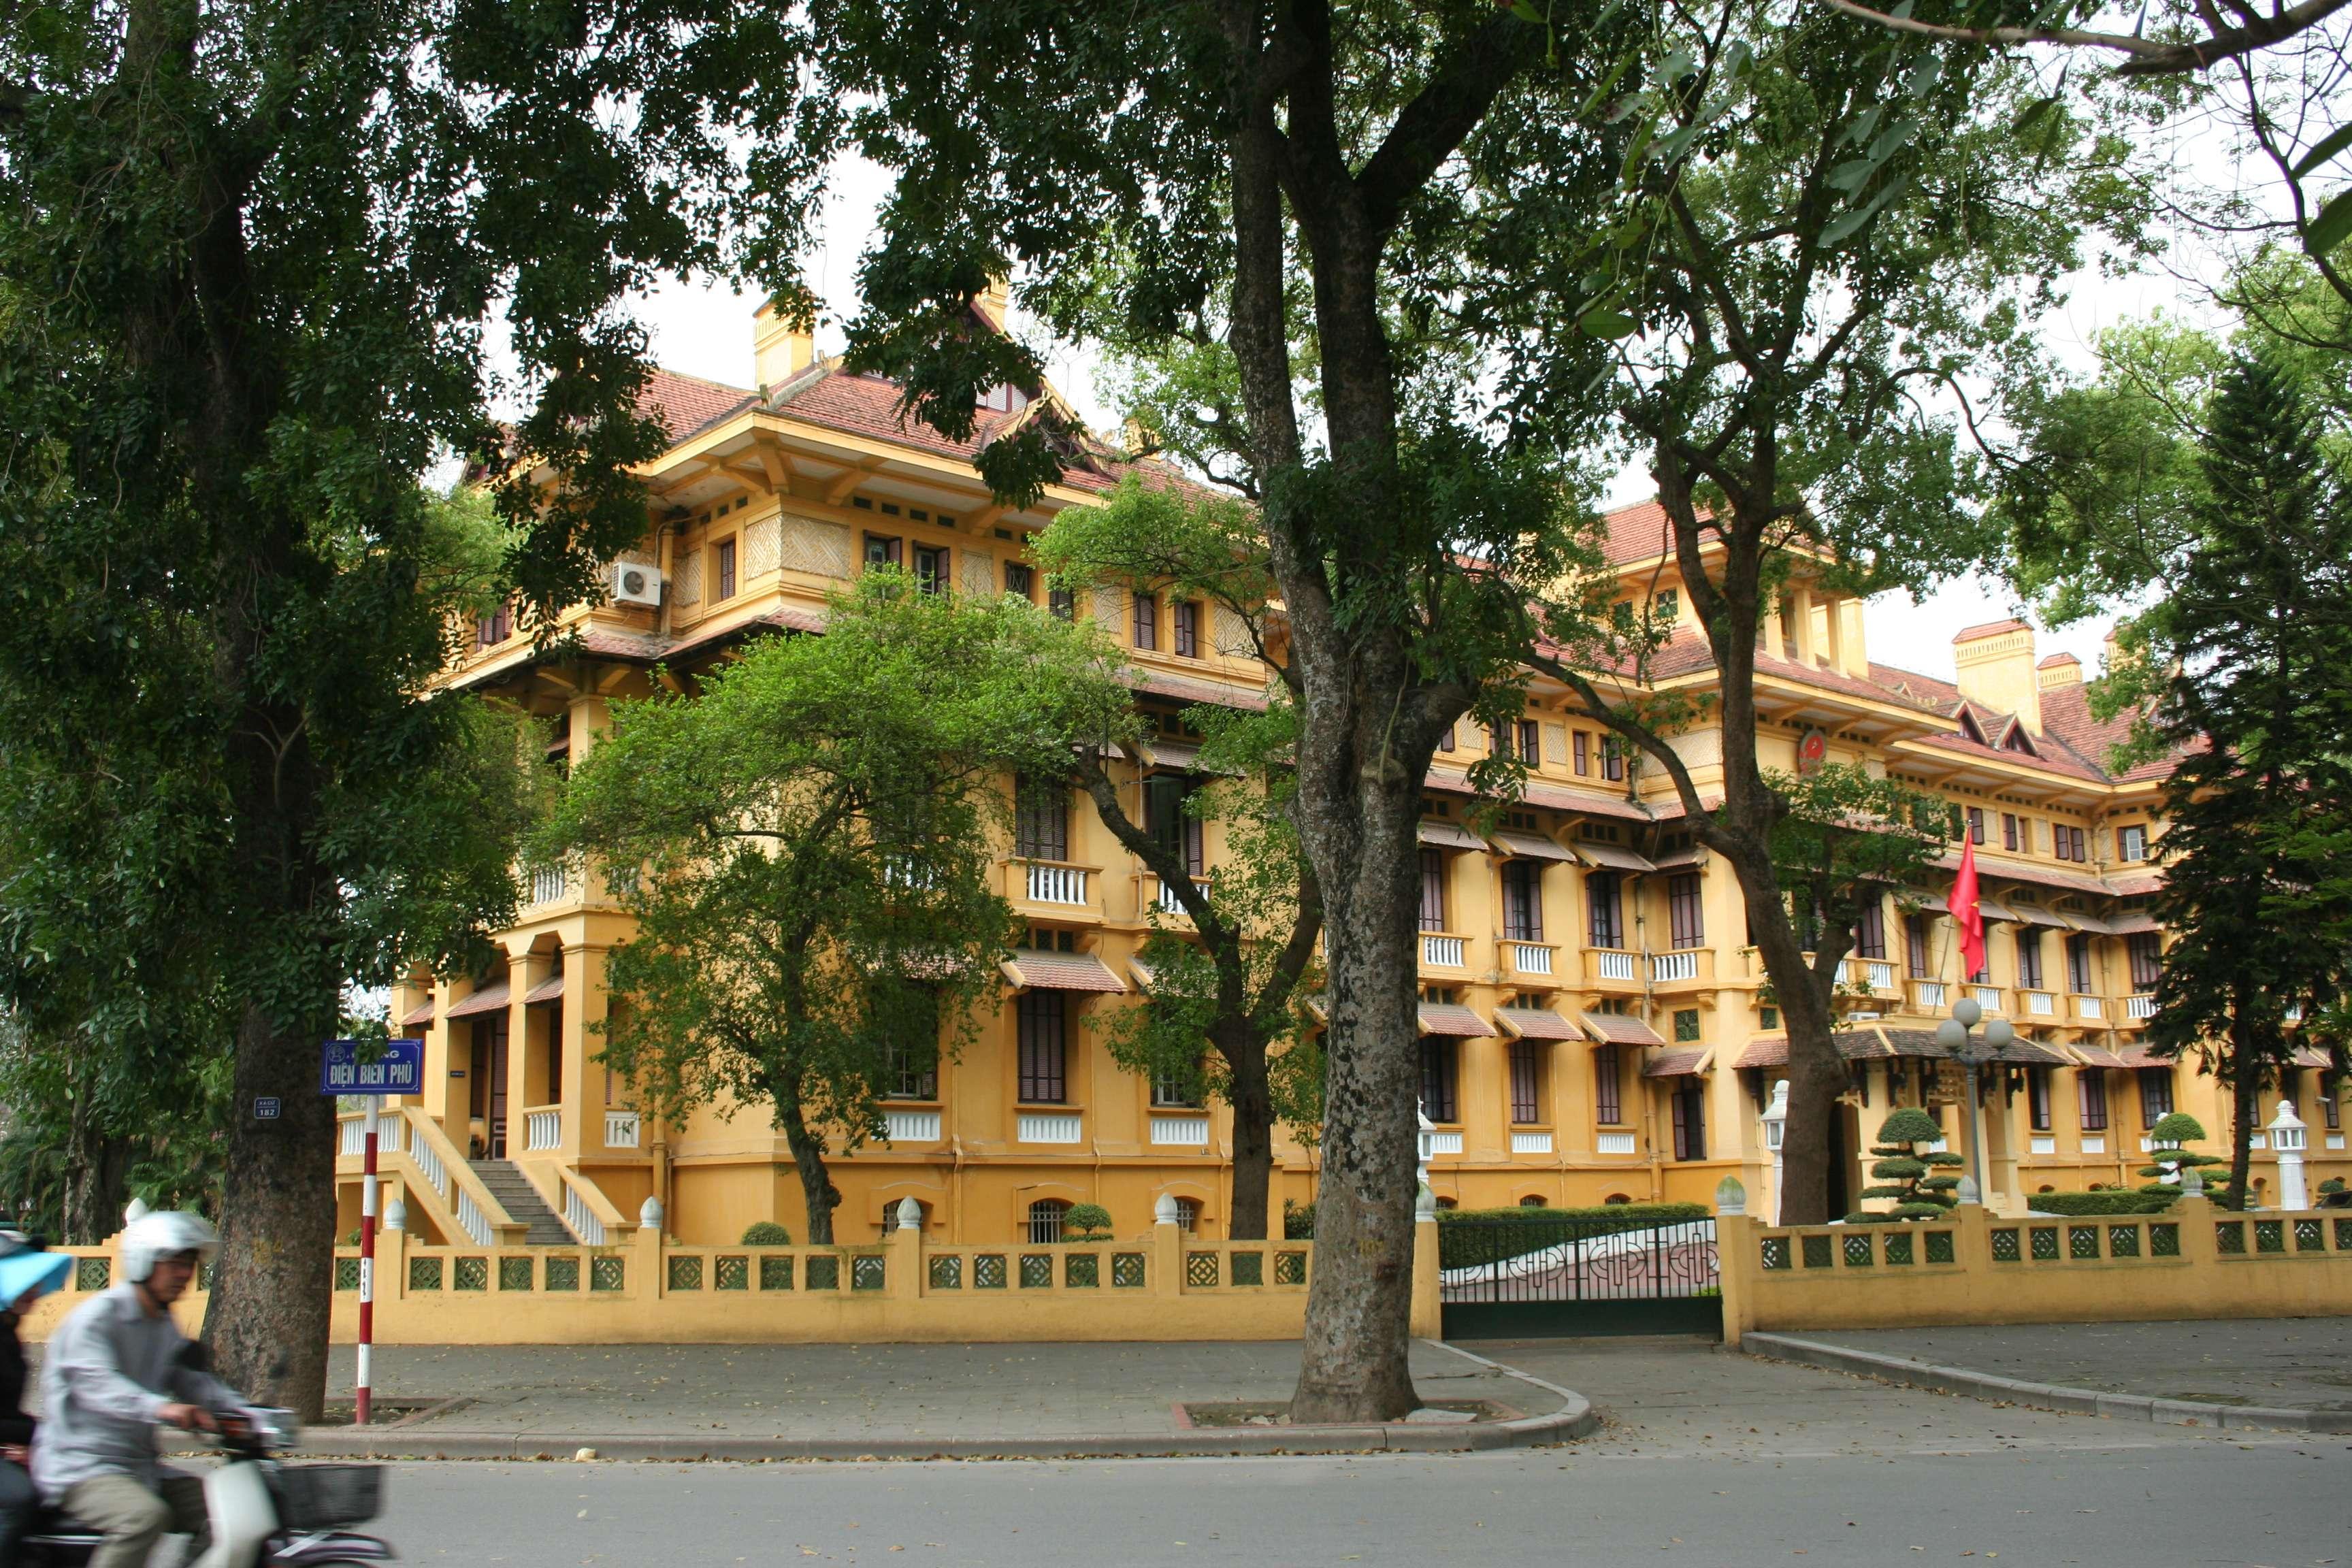 20120409_088 rue dans Hanoi